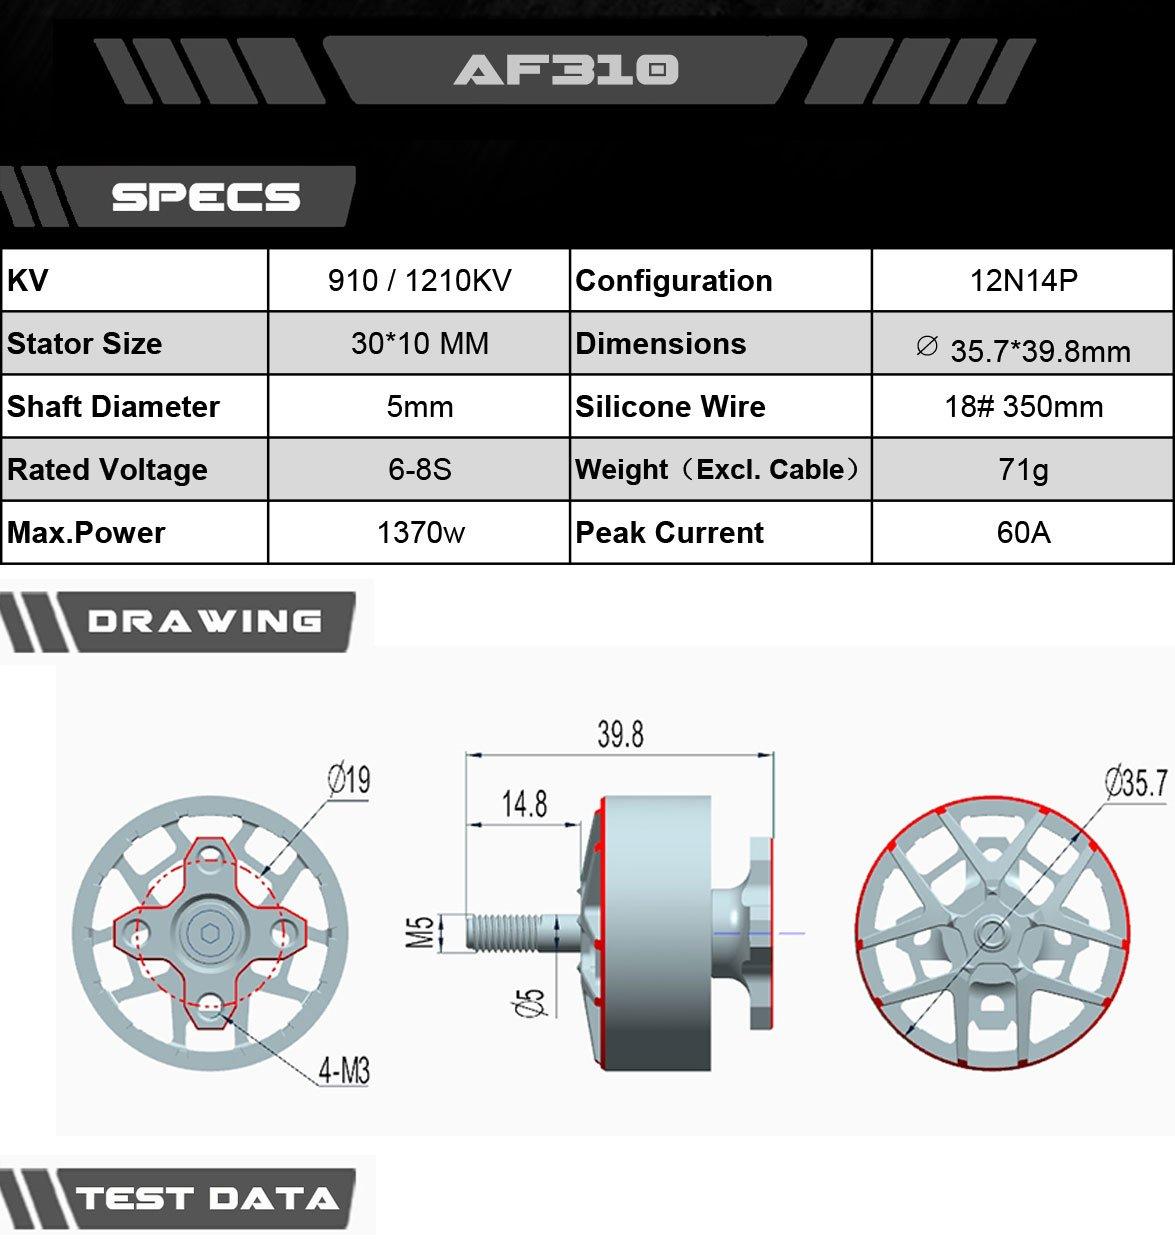 AXIS Flying moteur AF310 - 1210KV